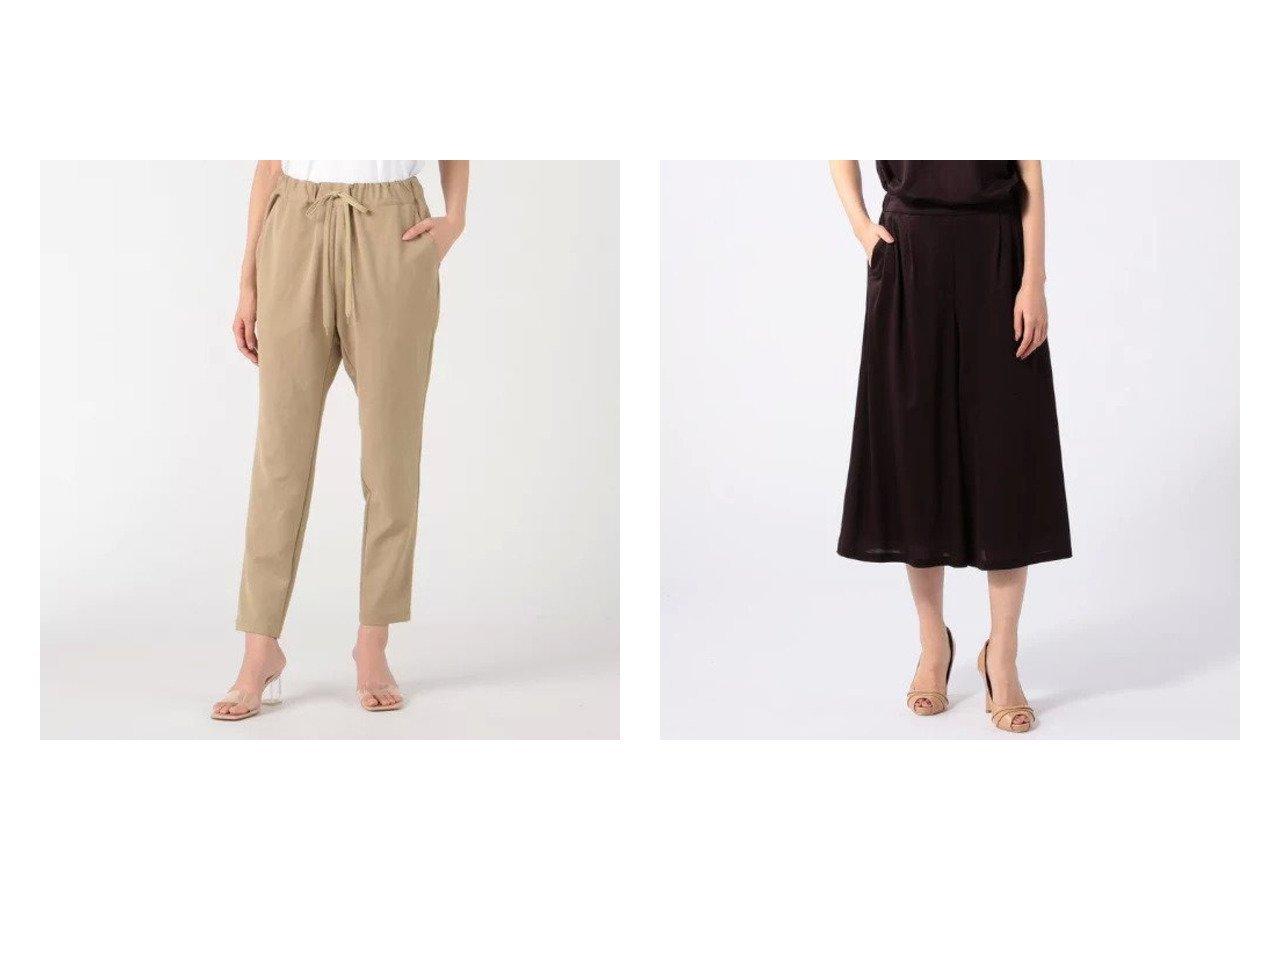 【SCAPA/スキャパ】のソフトドレープパンツ&【Munich/ミューニック】のtriacetate fiber ox tapered pants 【パンツ】おすすめ!人気、トレンド・レディースファッションの通販 おすすめで人気の流行・トレンド、ファッションの通販商品 インテリア・家具・メンズファッション・キッズファッション・レディースファッション・服の通販 founy(ファニー) https://founy.com/ ファッション Fashion レディースファッション WOMEN パンツ Pants 吸水 洗える おすすめ Recommend シンプル ドレープ ベーシック |ID:crp329100000054038